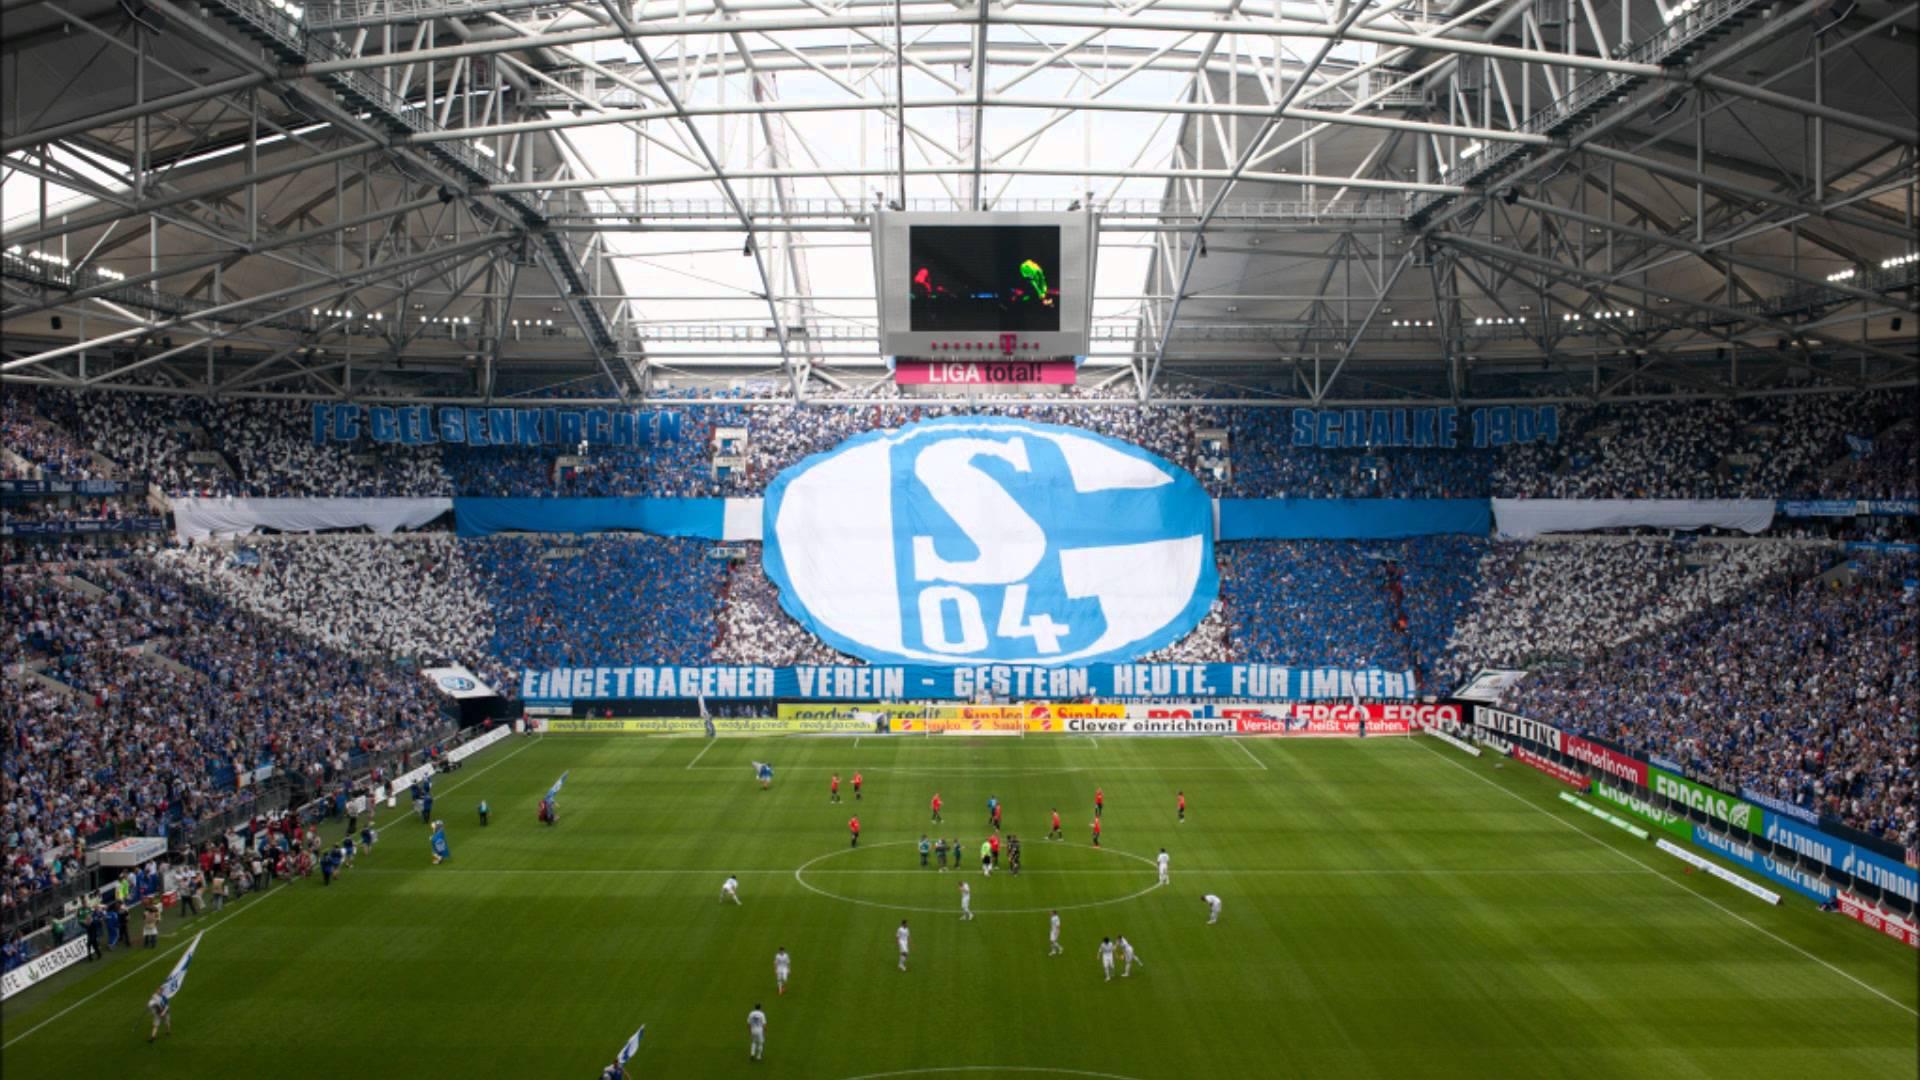 Schalke Arena Sitzplätze